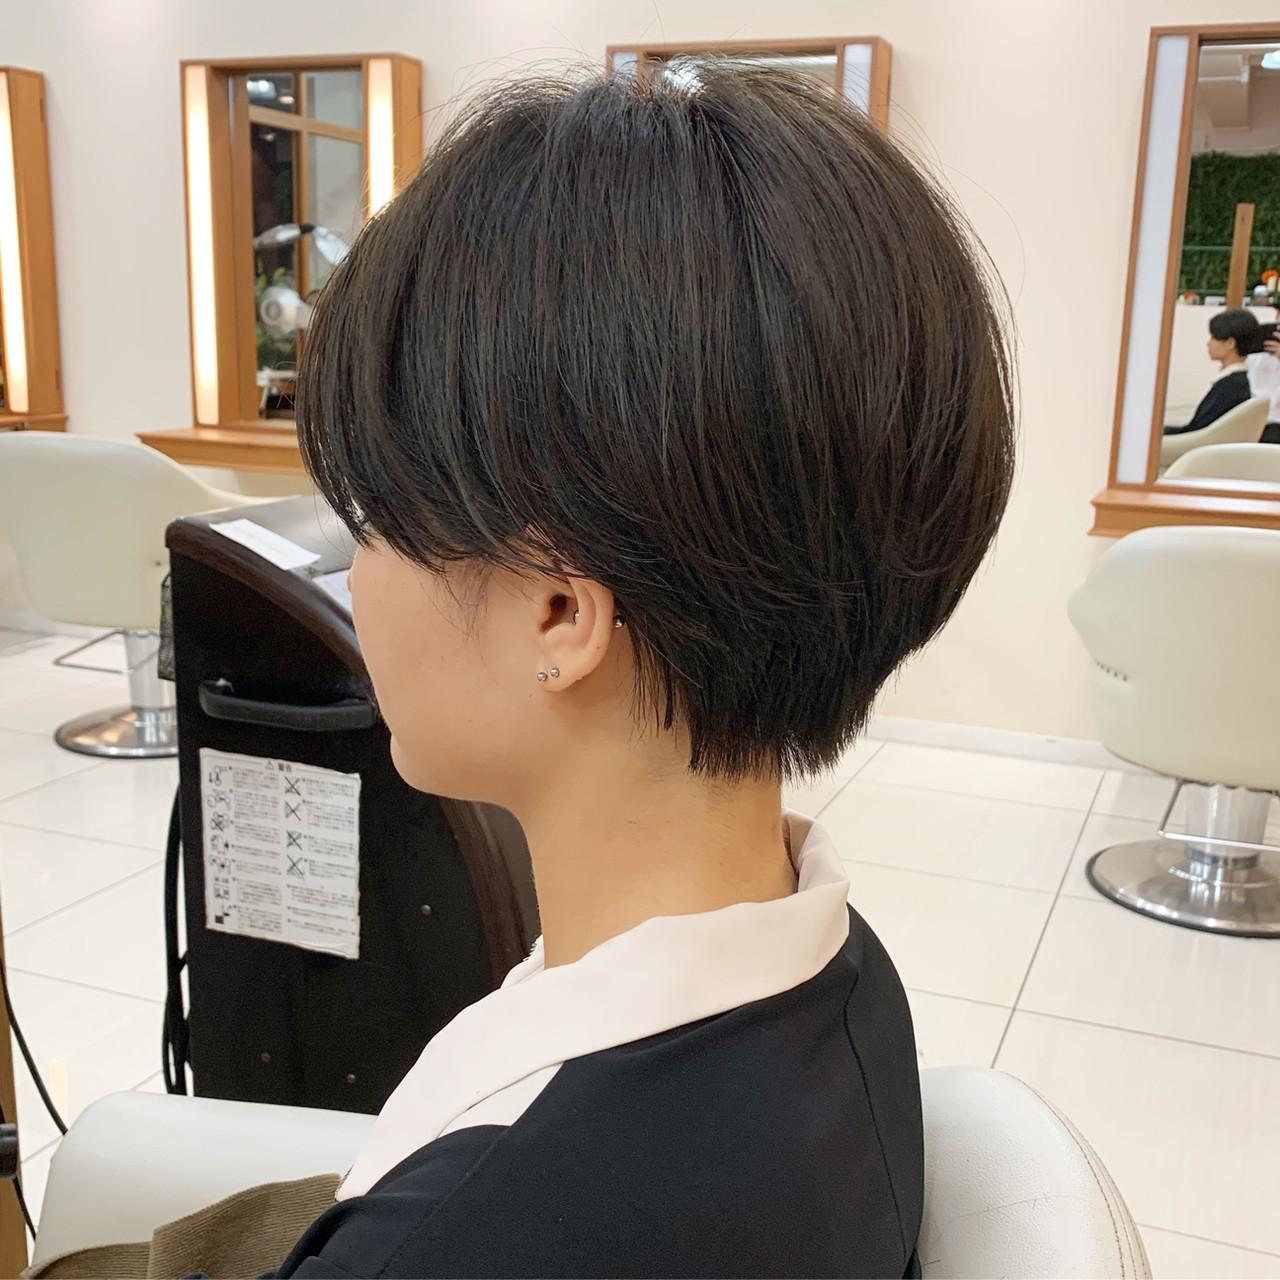 ショート ナチュラル 大人ショート ショートヘア ヘアスタイルや髪型の写真・画像 | 【つくば美容師】ショートヘア愛好家/矢崎 翔太 / ジールサロン